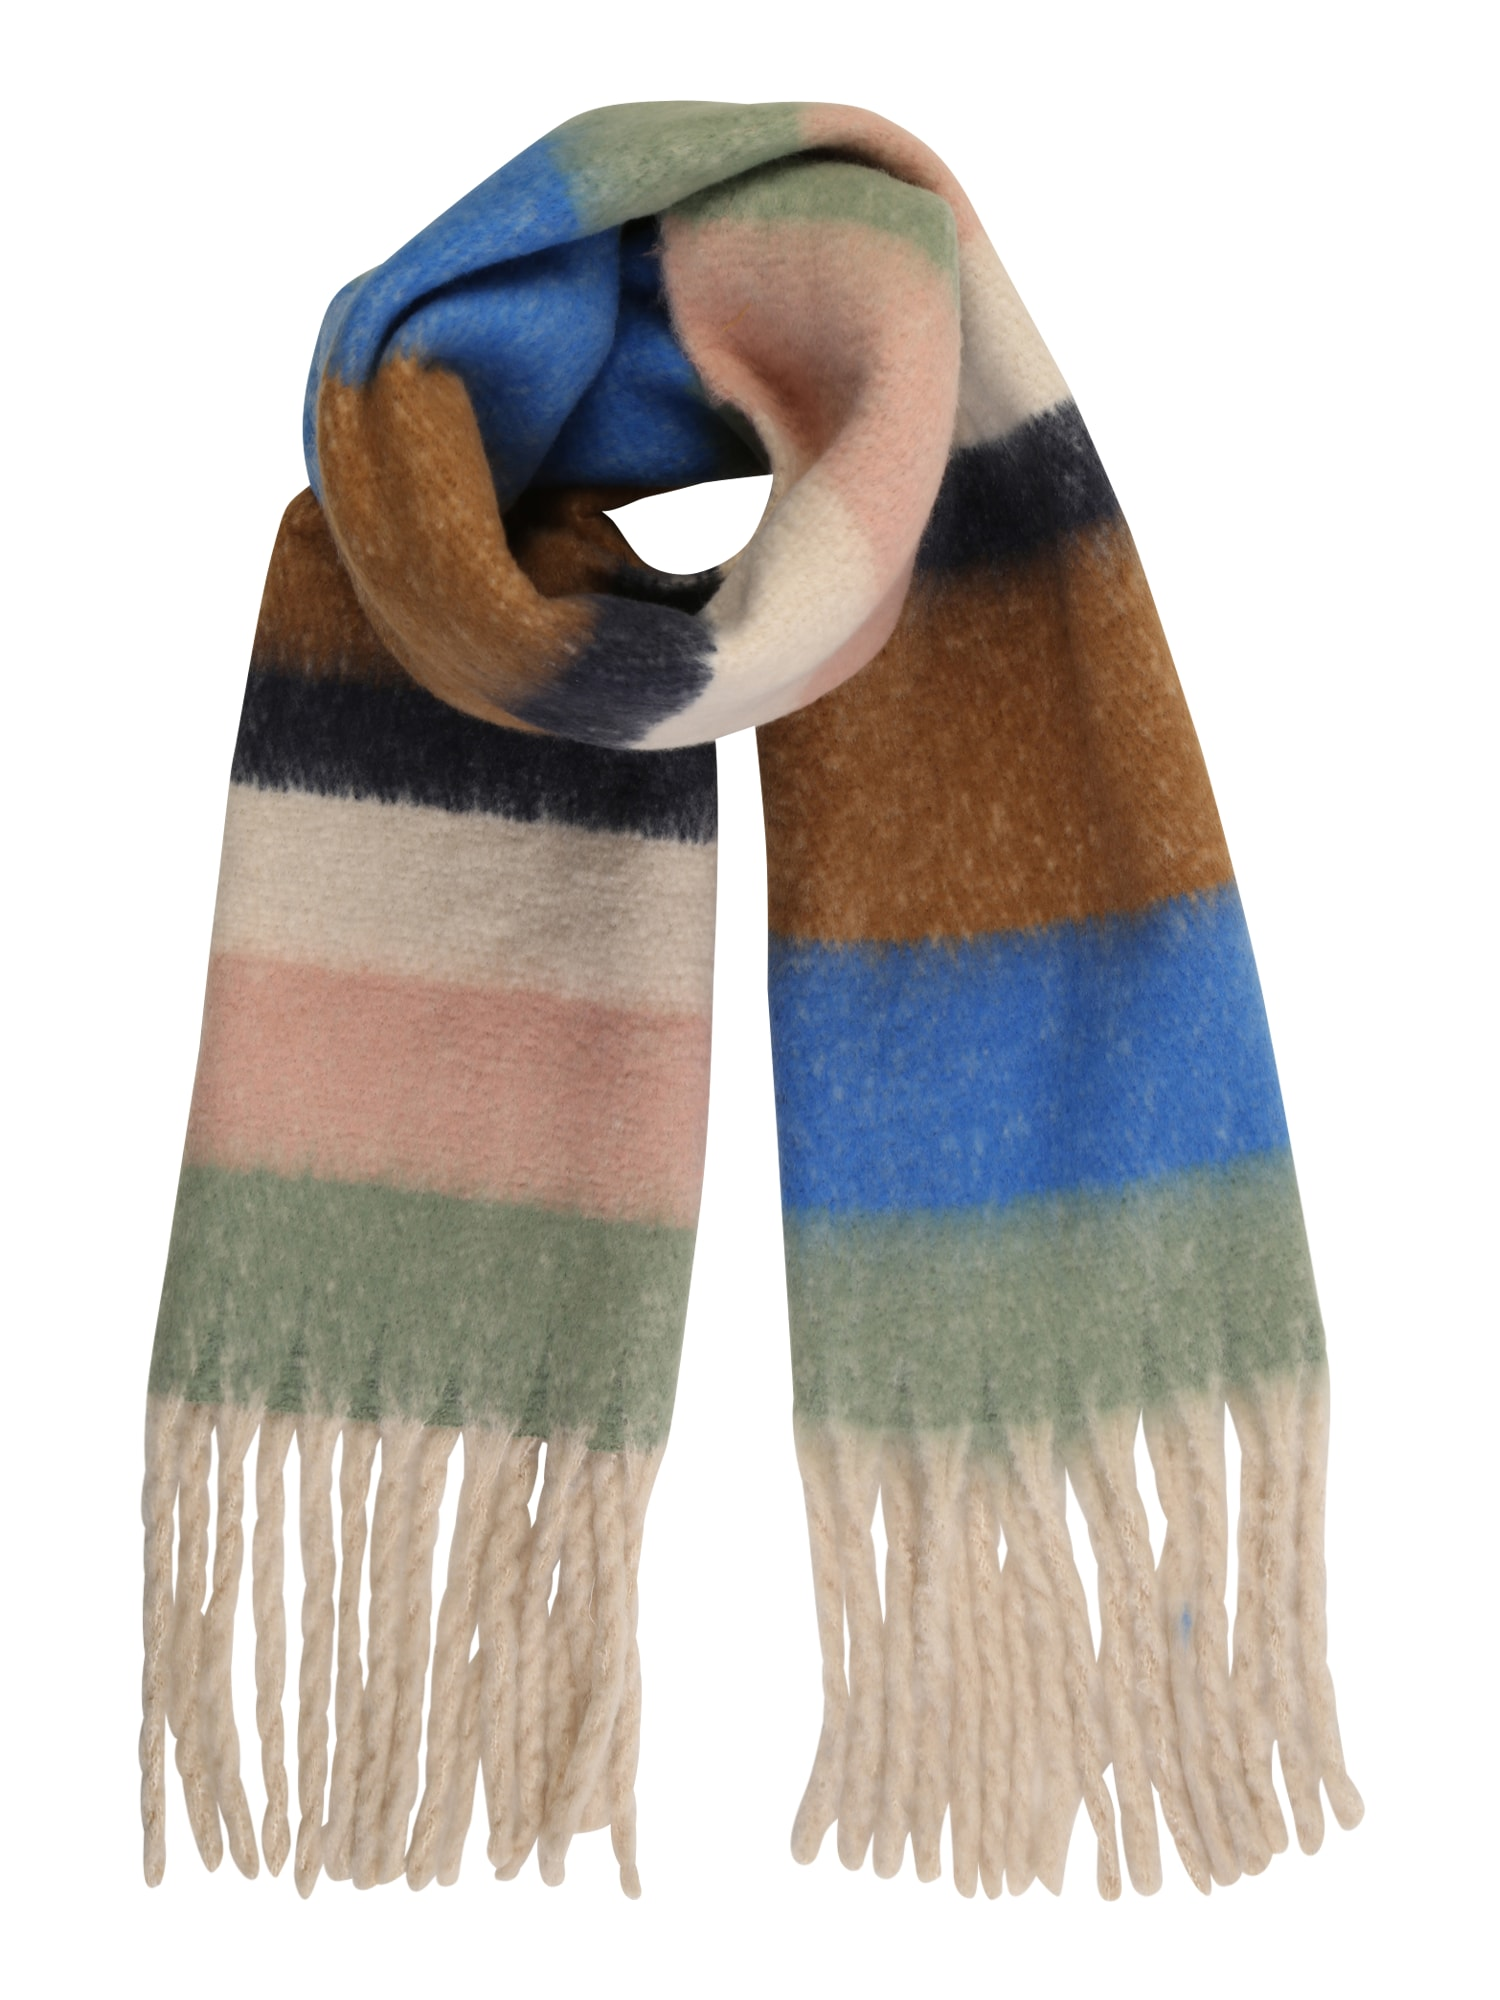 ONLY Šála 'BASIL'  královská modrá / barva bílé vlny / růžová / mátová / hnědá